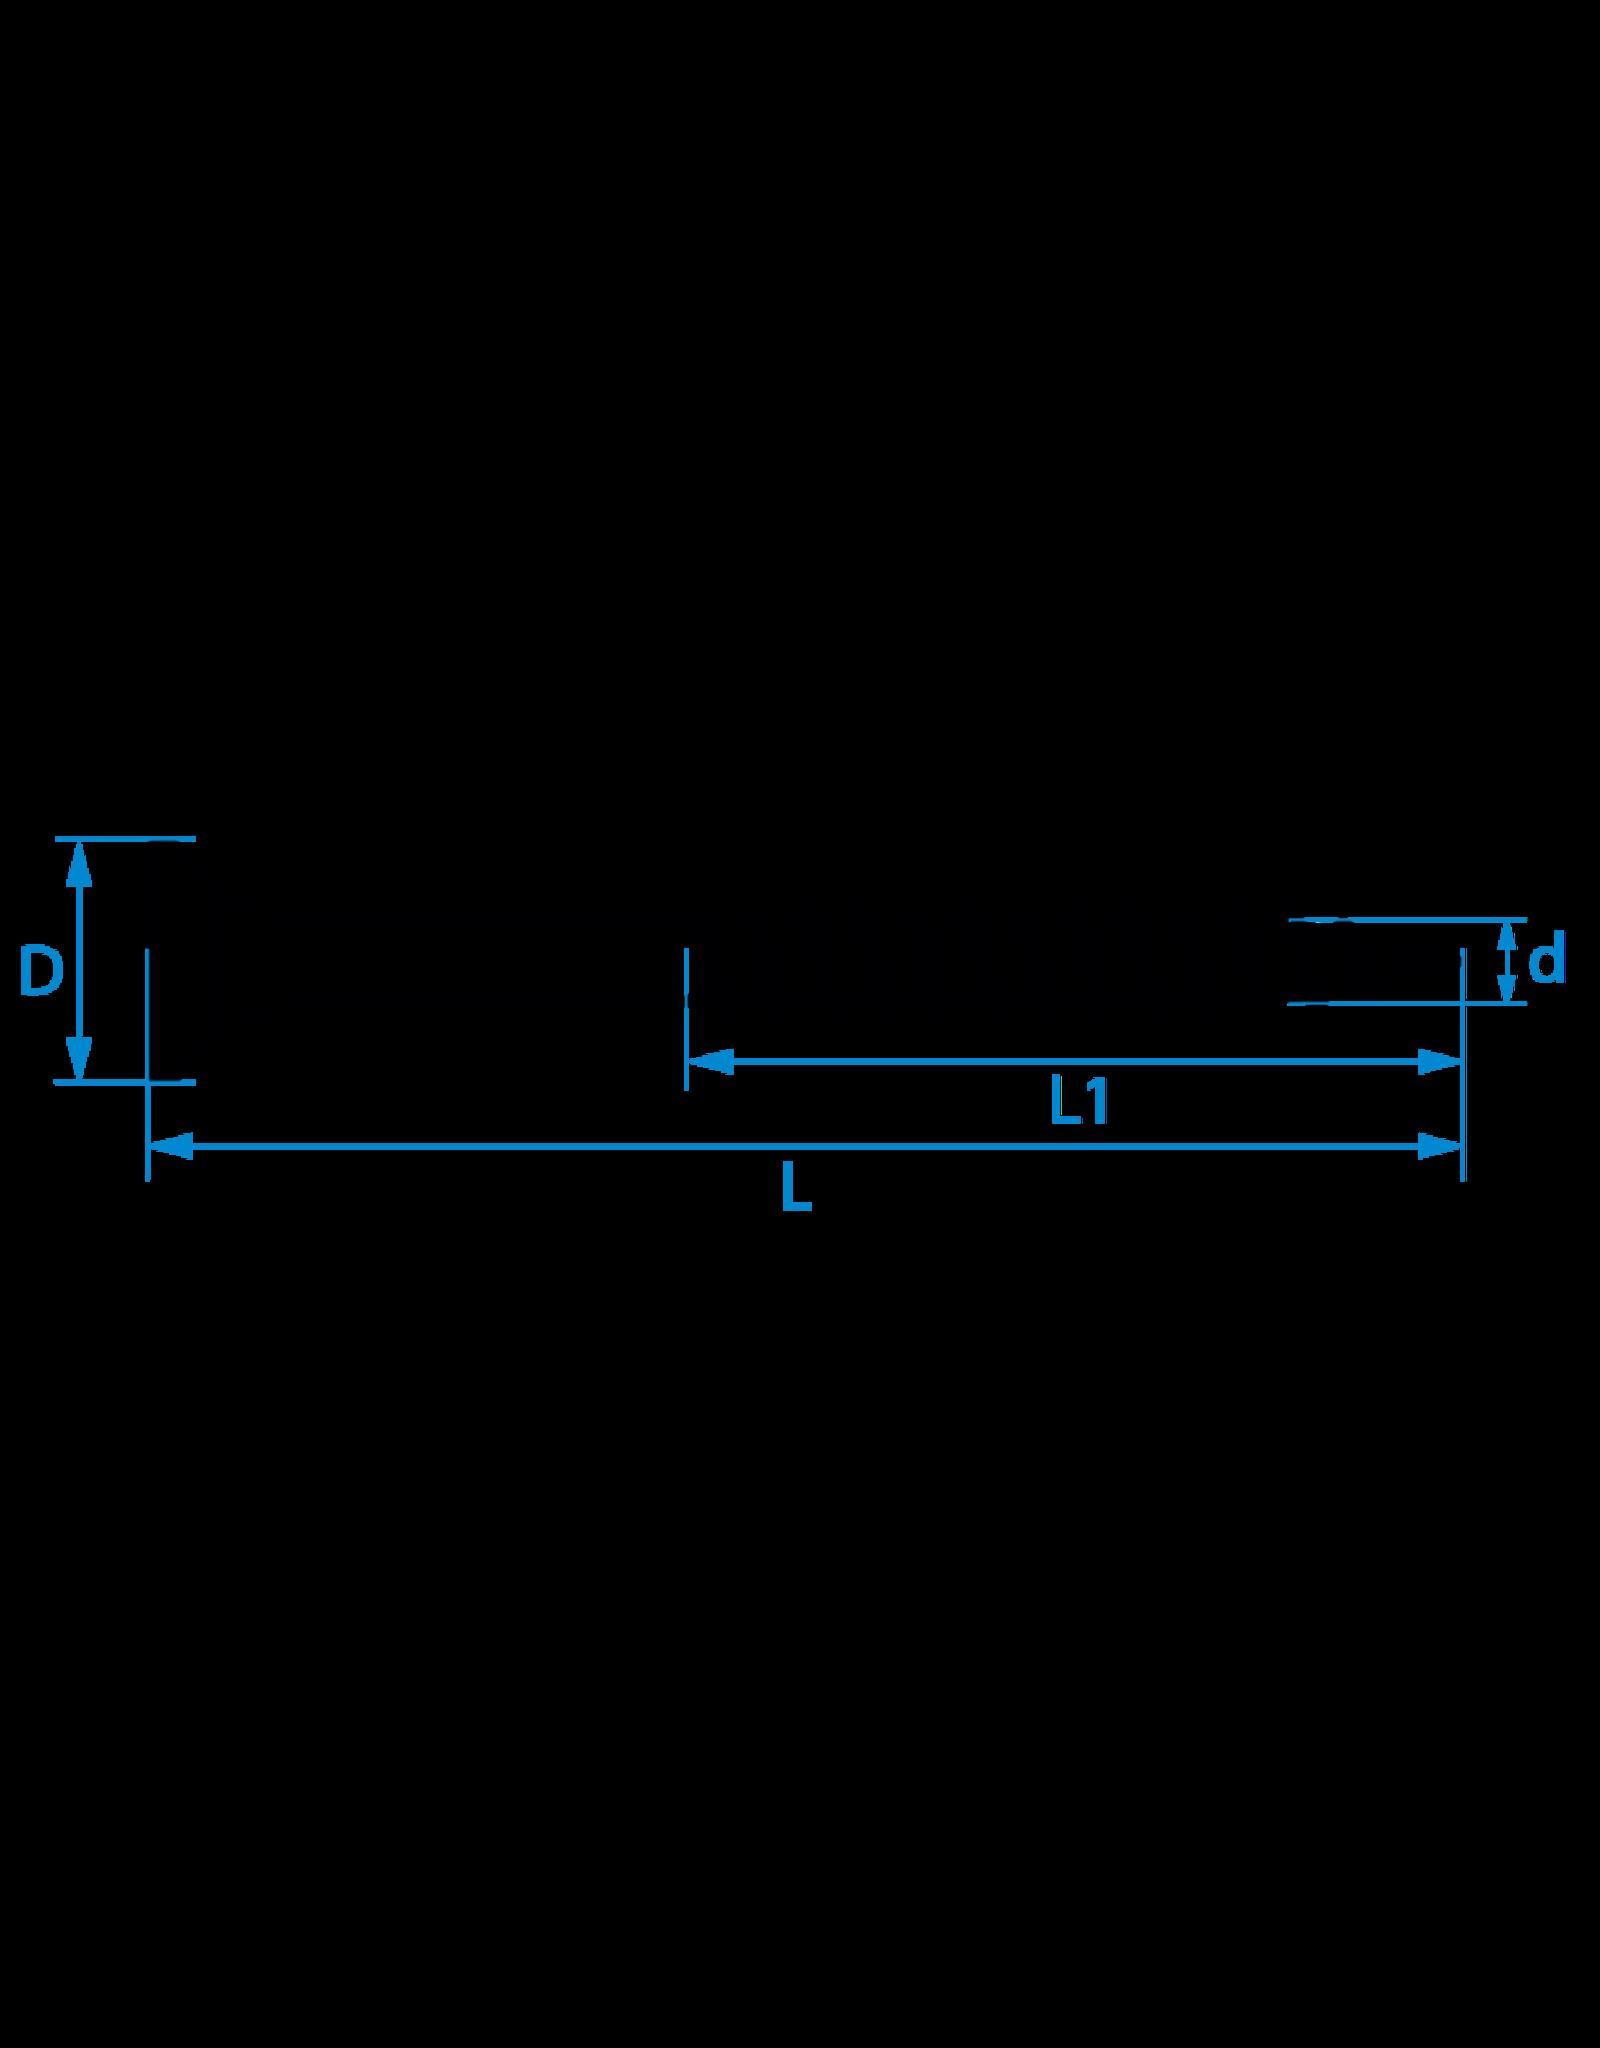 Spaanplaatschroeven platkop deeldraad 3.5x50/30 TX-15 staal gehard verzinkt per 200 stuks